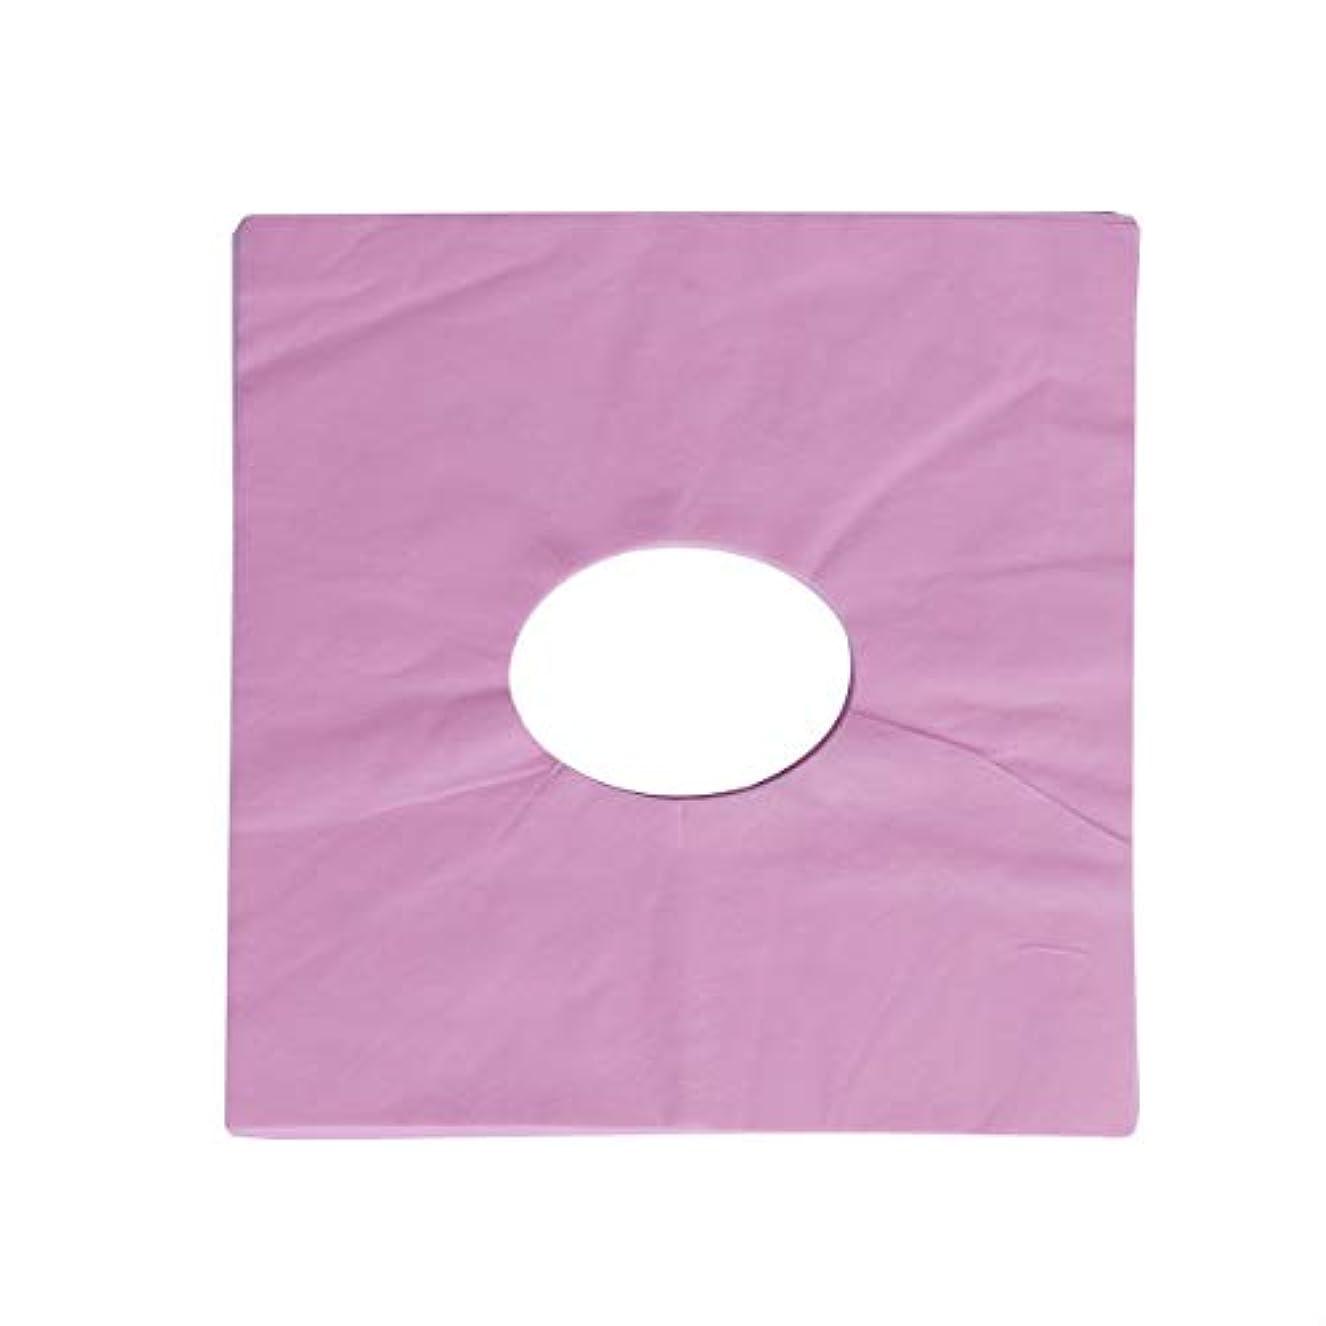 ほんの安全な明らかにHealifty 100ピース使い捨てマッサージフェイスクレードルカバーフェイスマッサージヘッドレストカバースパ用美容院マッサージ(ピンク)